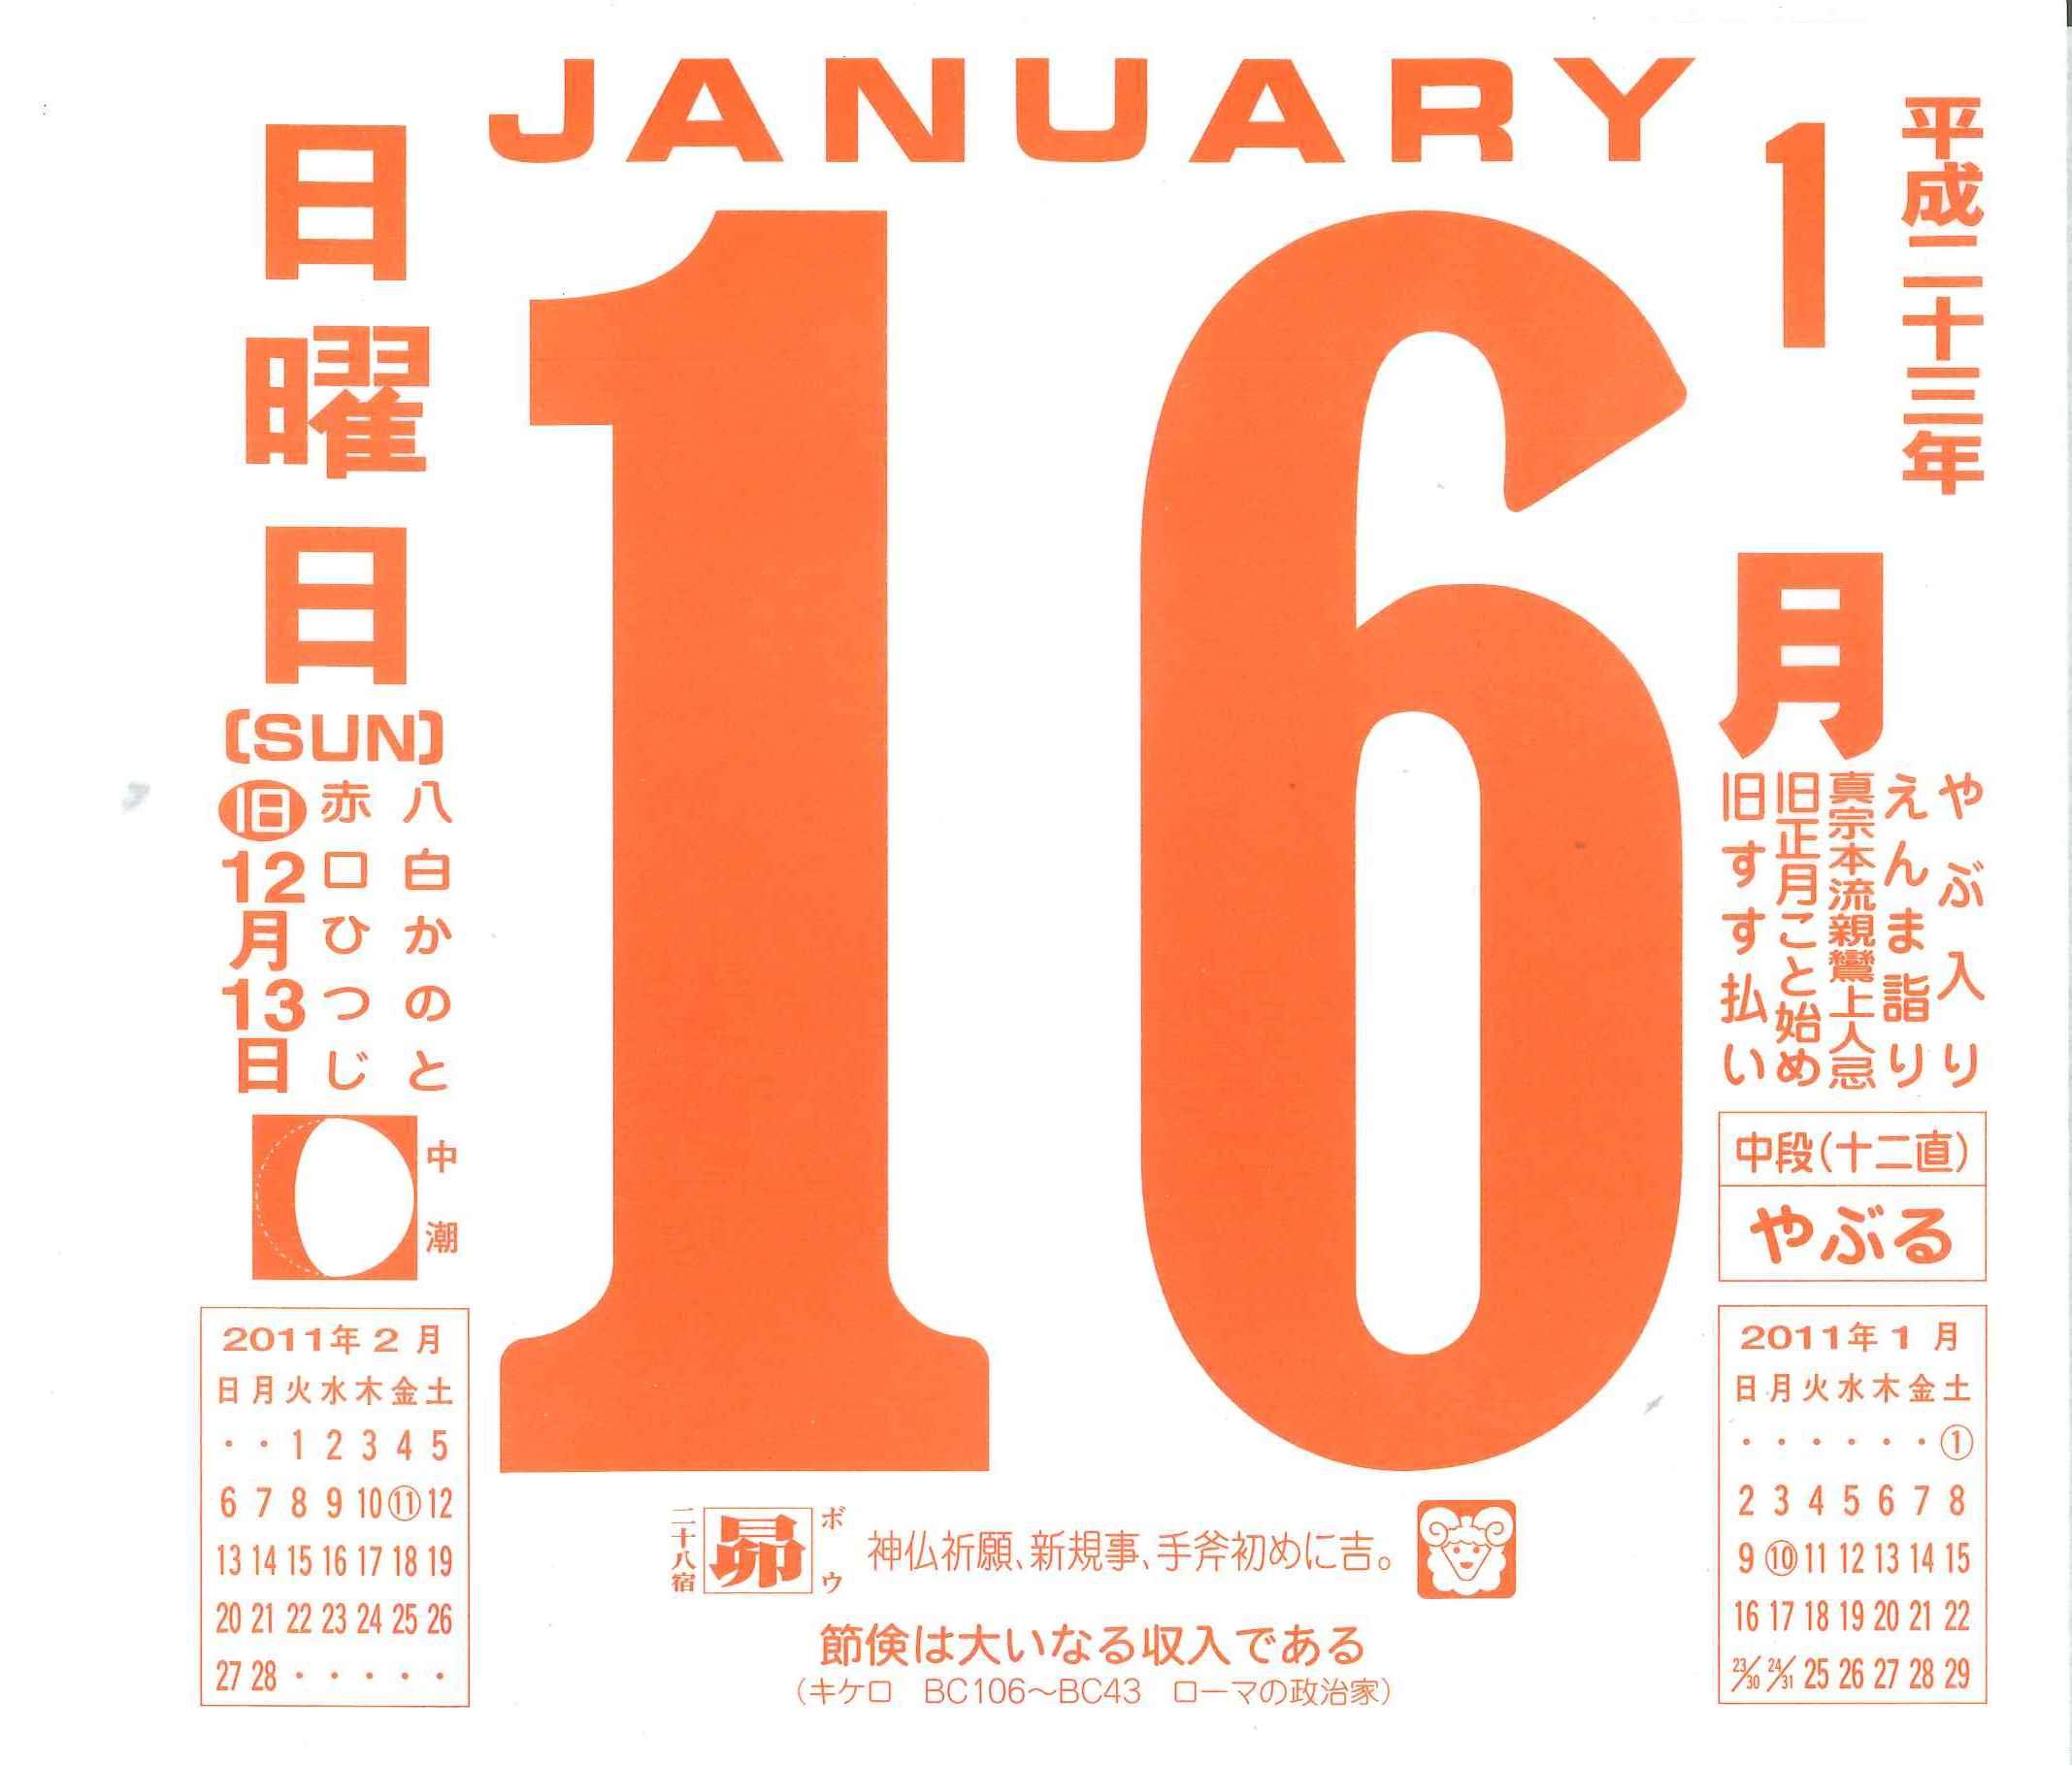 20110116213901103_0001.jpg